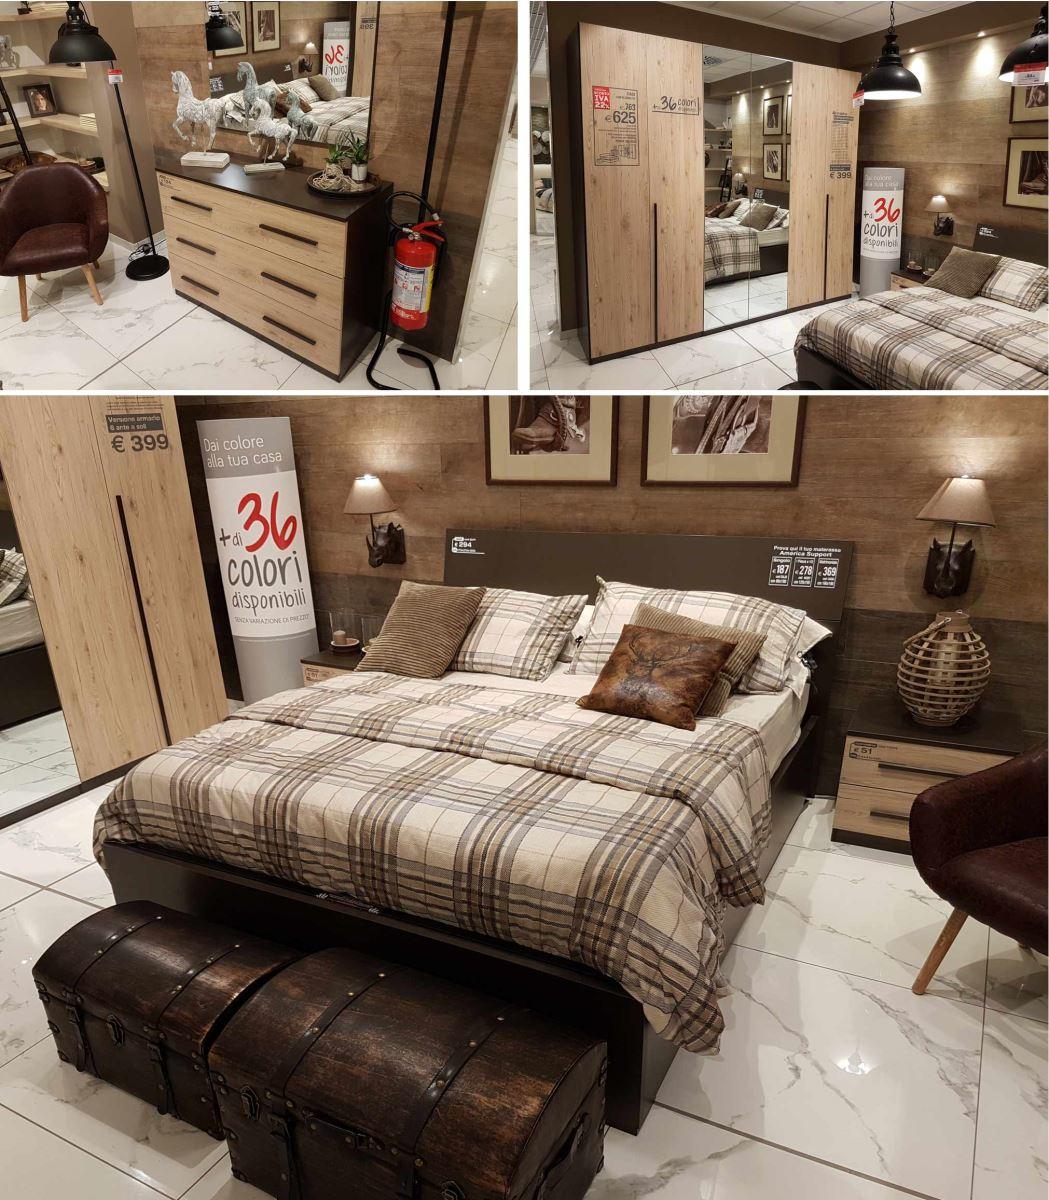 Camere da letto mondo convenienza for Prezzi della cabina di tronchi di 3 camere da letto